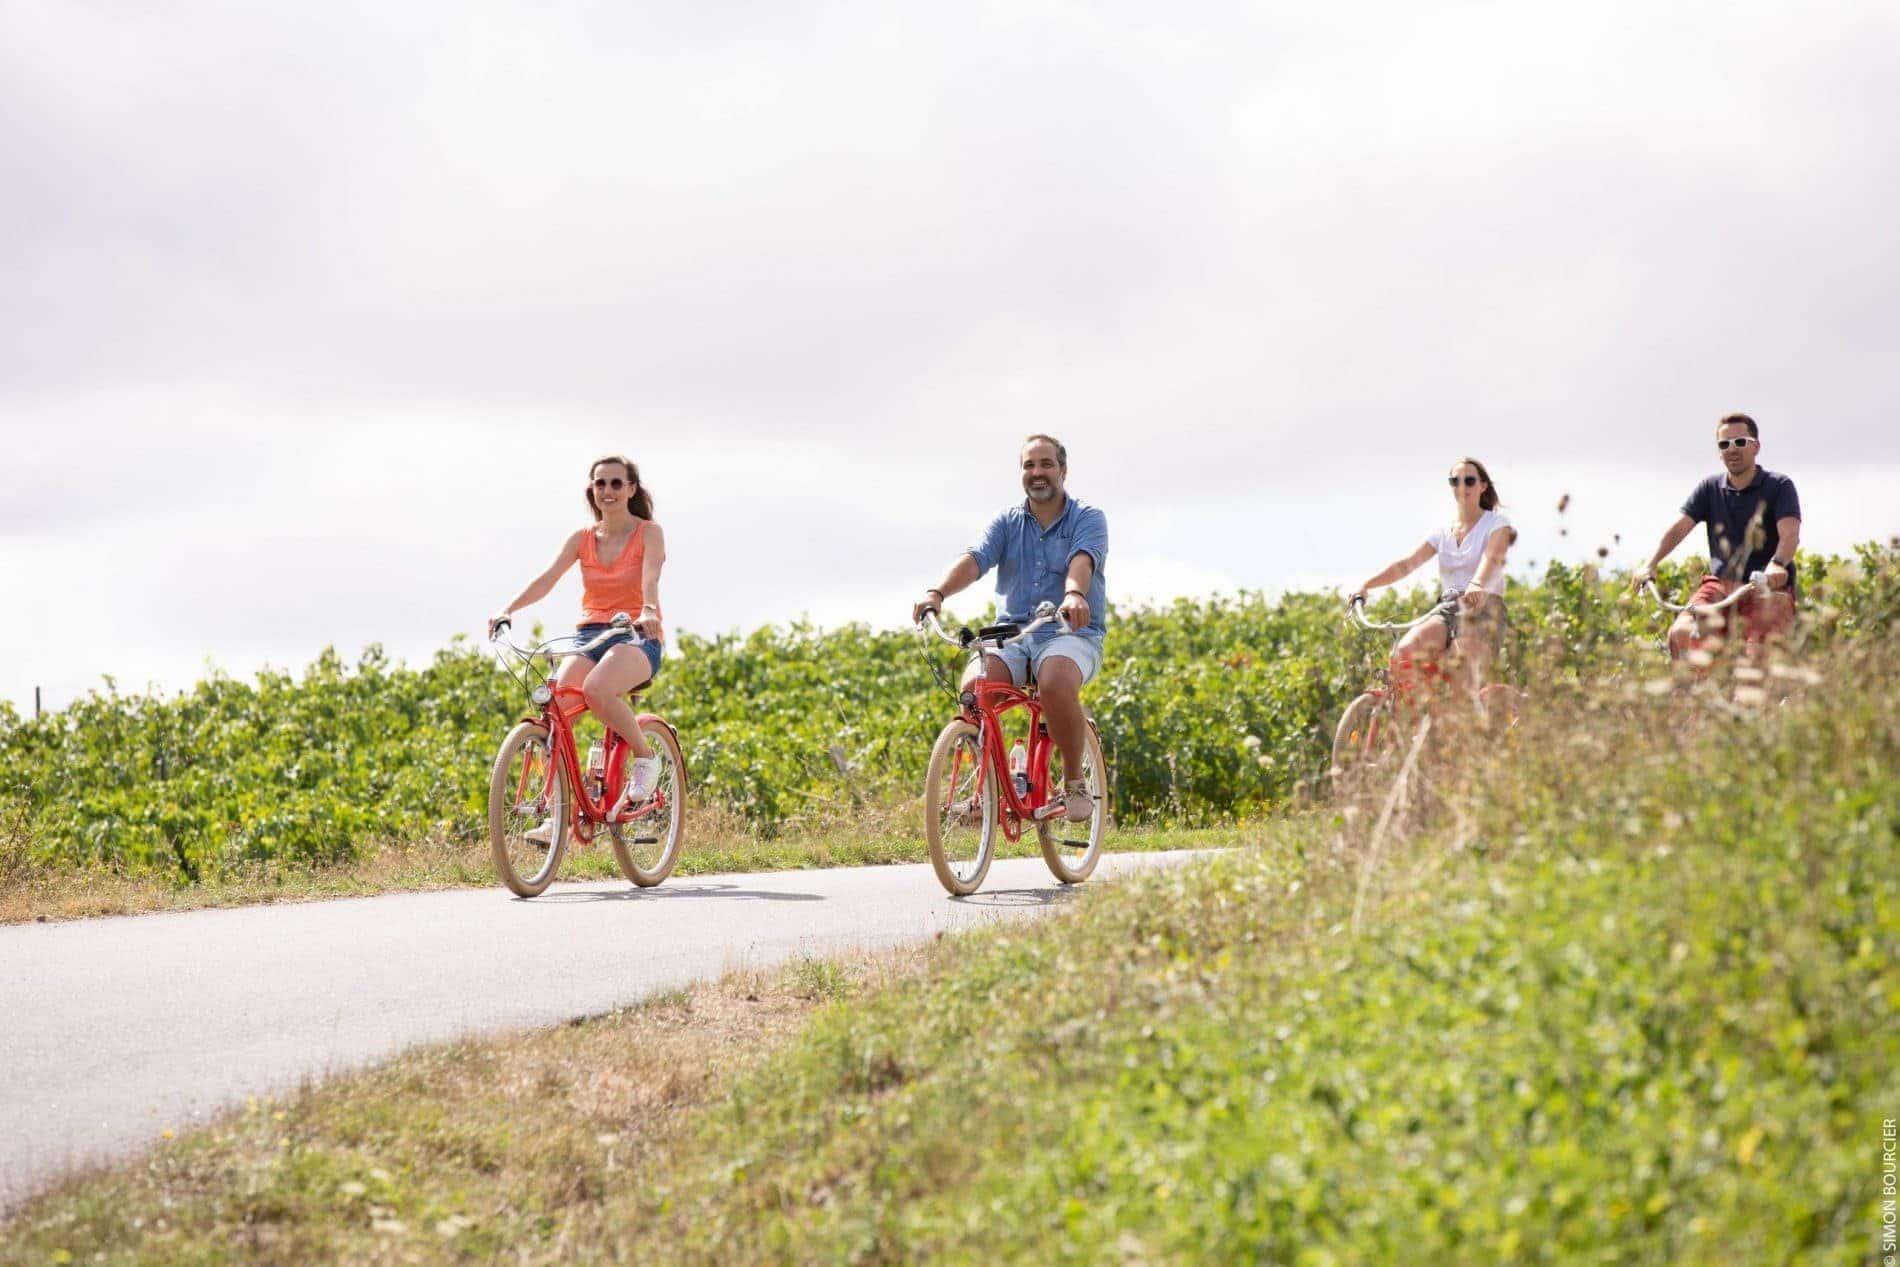 Piste cyclable au milieu des vignes © S.Bourcier